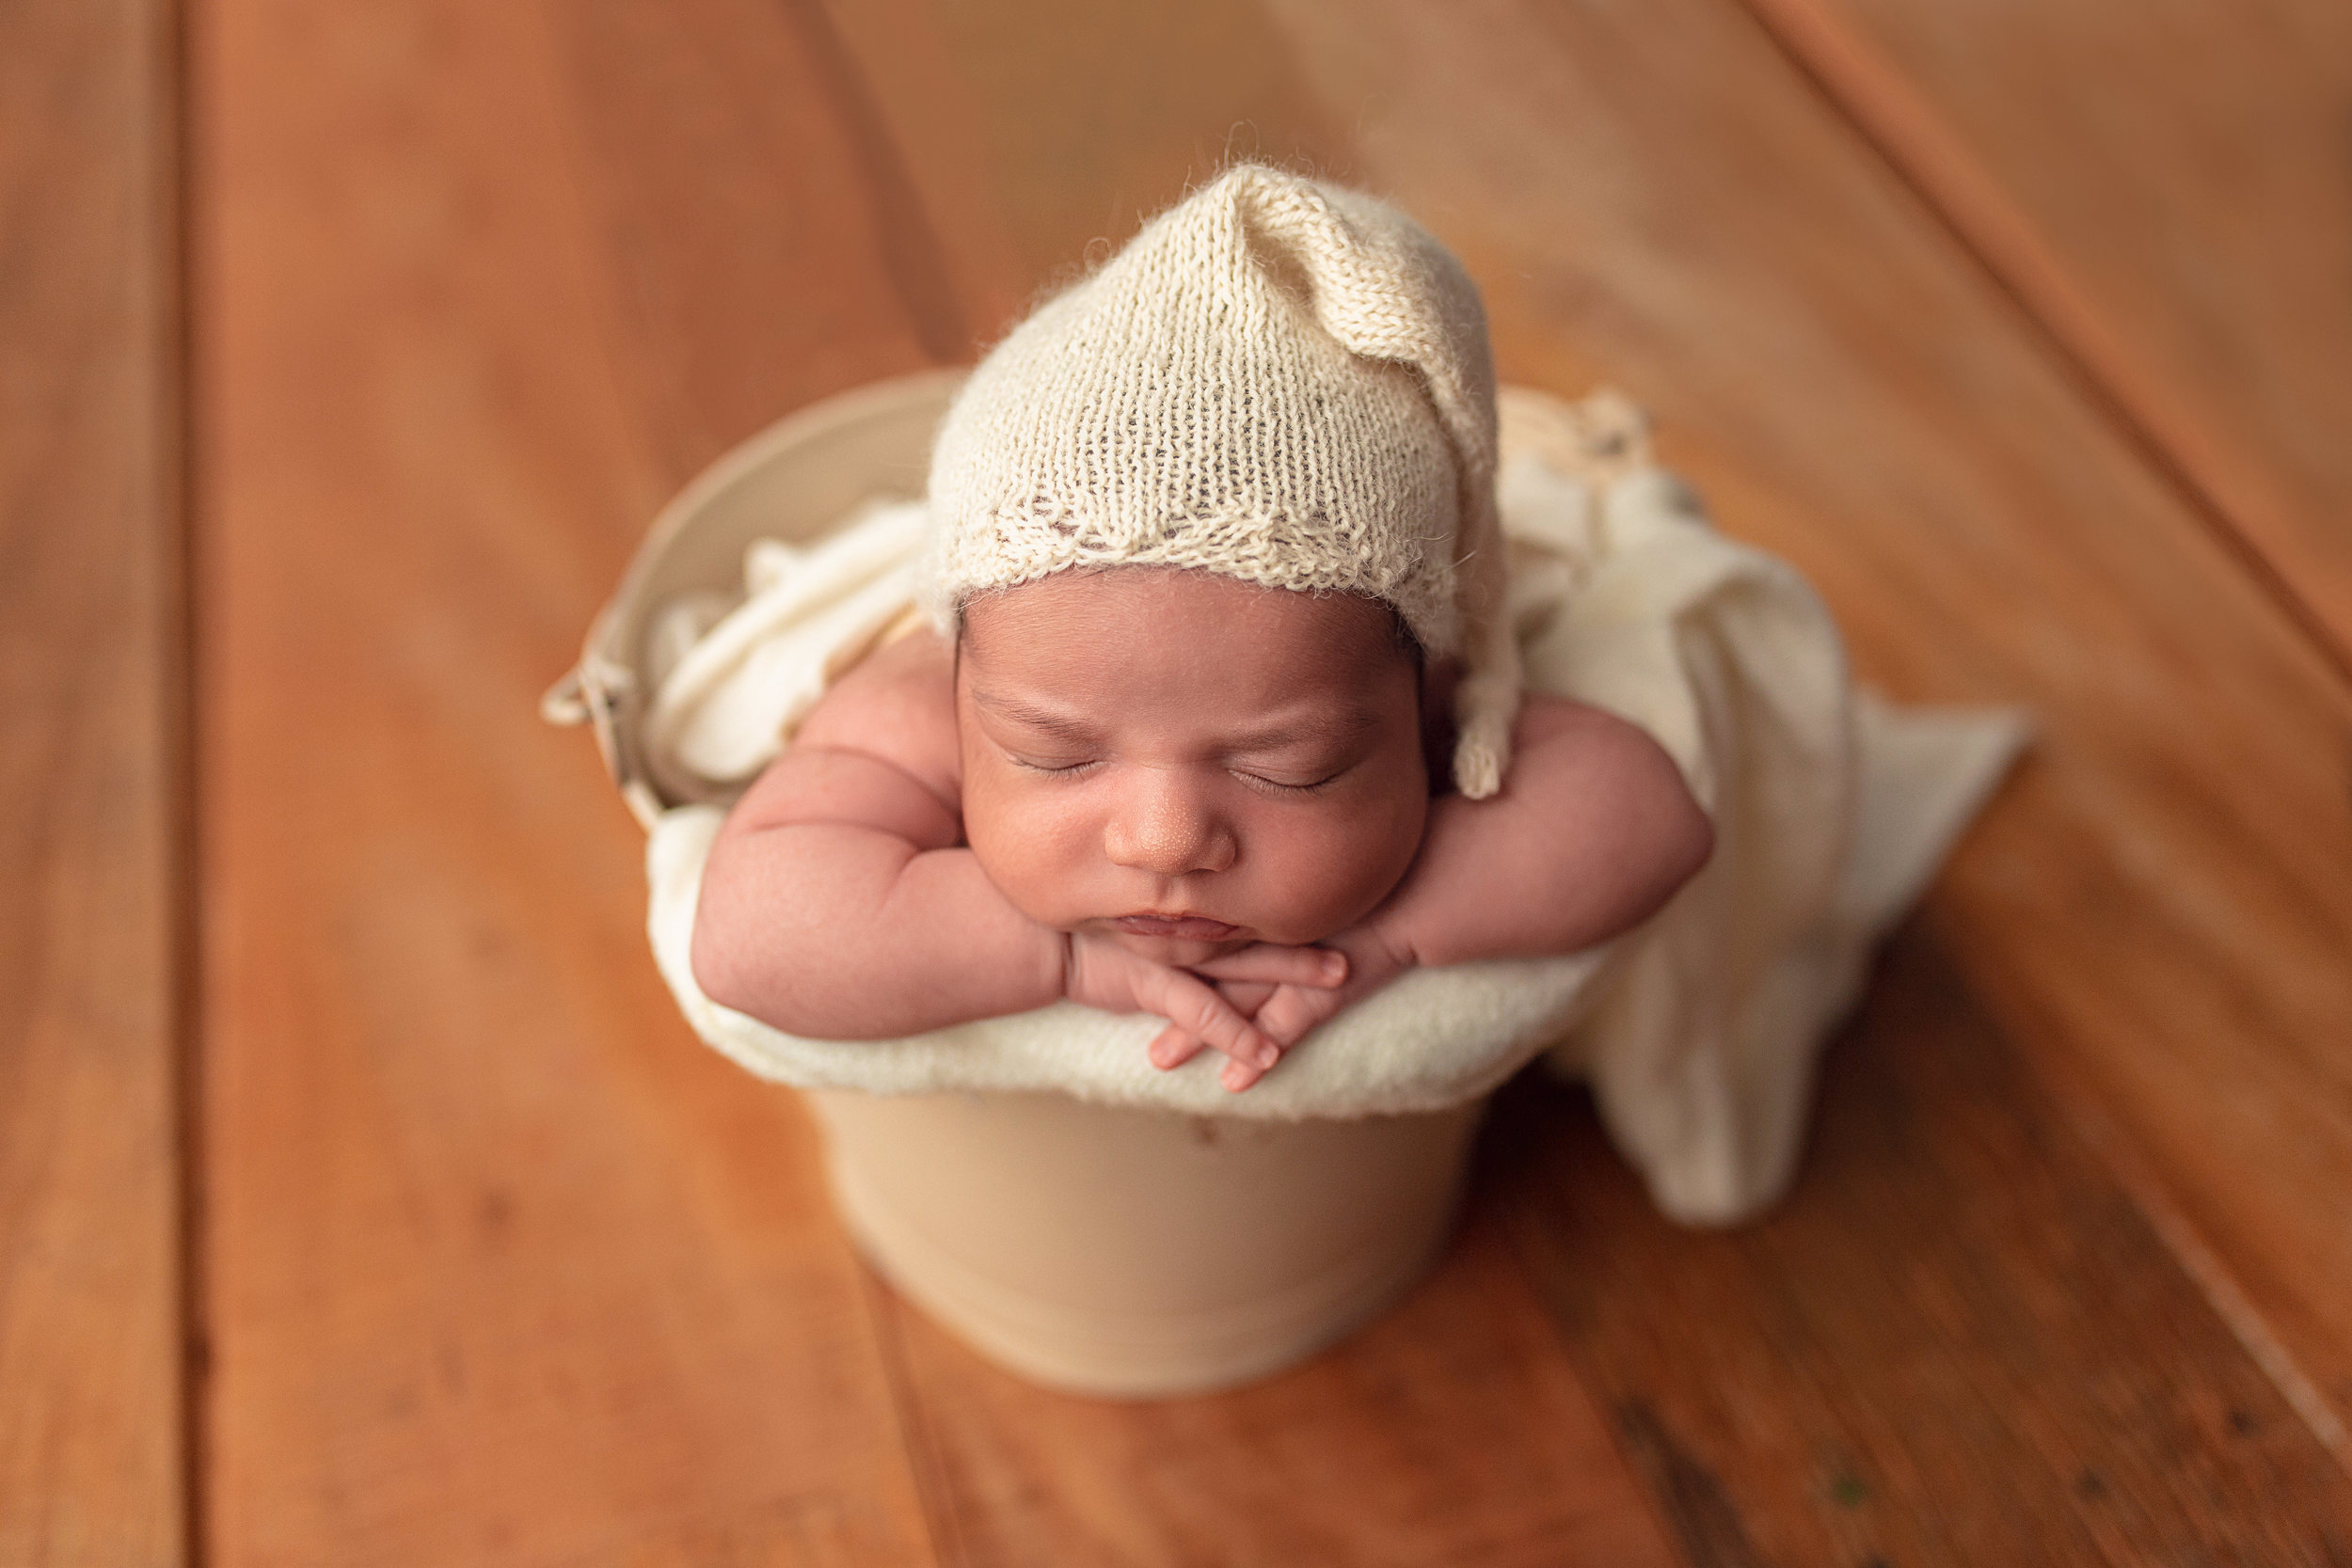 ensaio-newborn-fotografia-rio-de-janeiro-rj-barra-da-tijuca-estudio-em-casa-domicilio-perinatal-laranjeiras-zona-sul-sao-paulo-sp-rogerio-leandro-dr-workshop-mentoria-vip-melhor-9.jpg